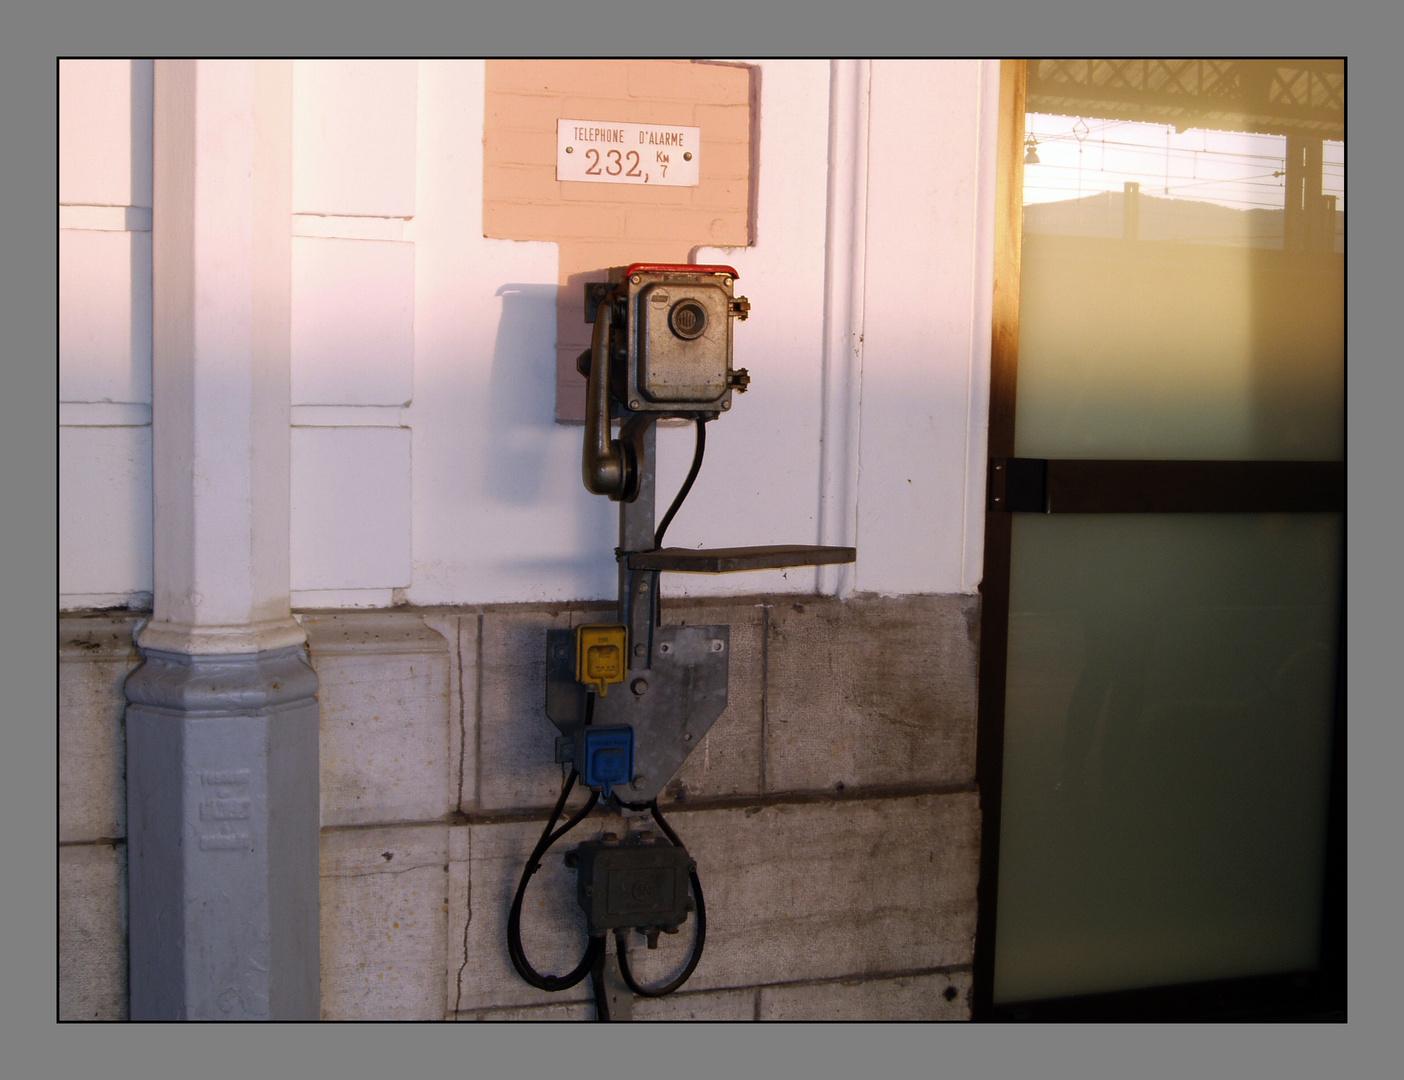 Teléfono de emergencia, última generación.